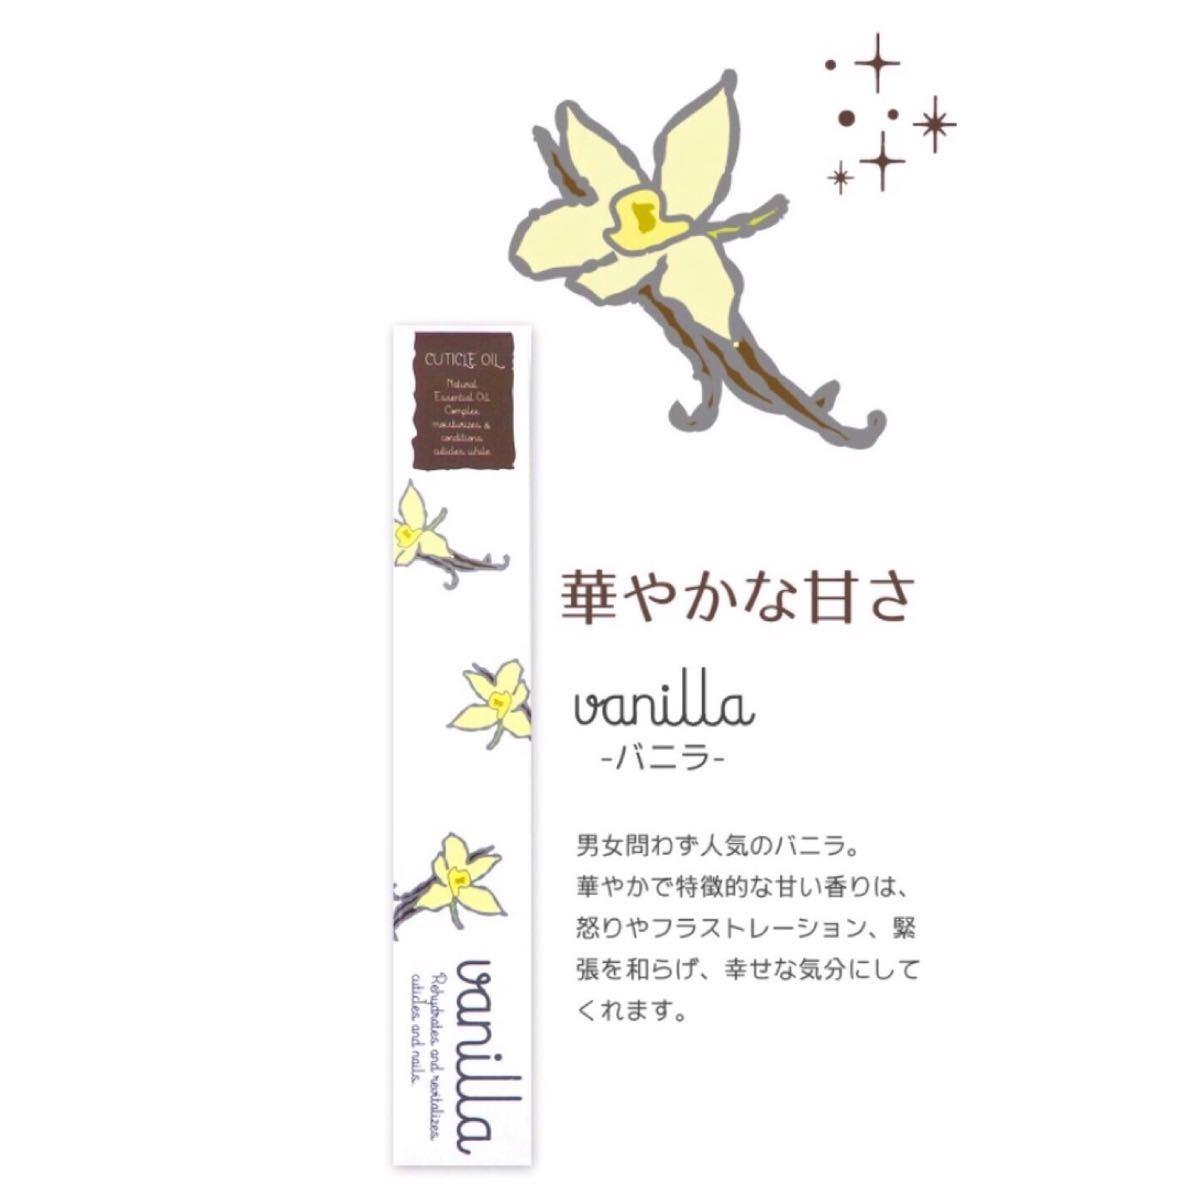 キューティクルオイル☆ローズ&バニラ